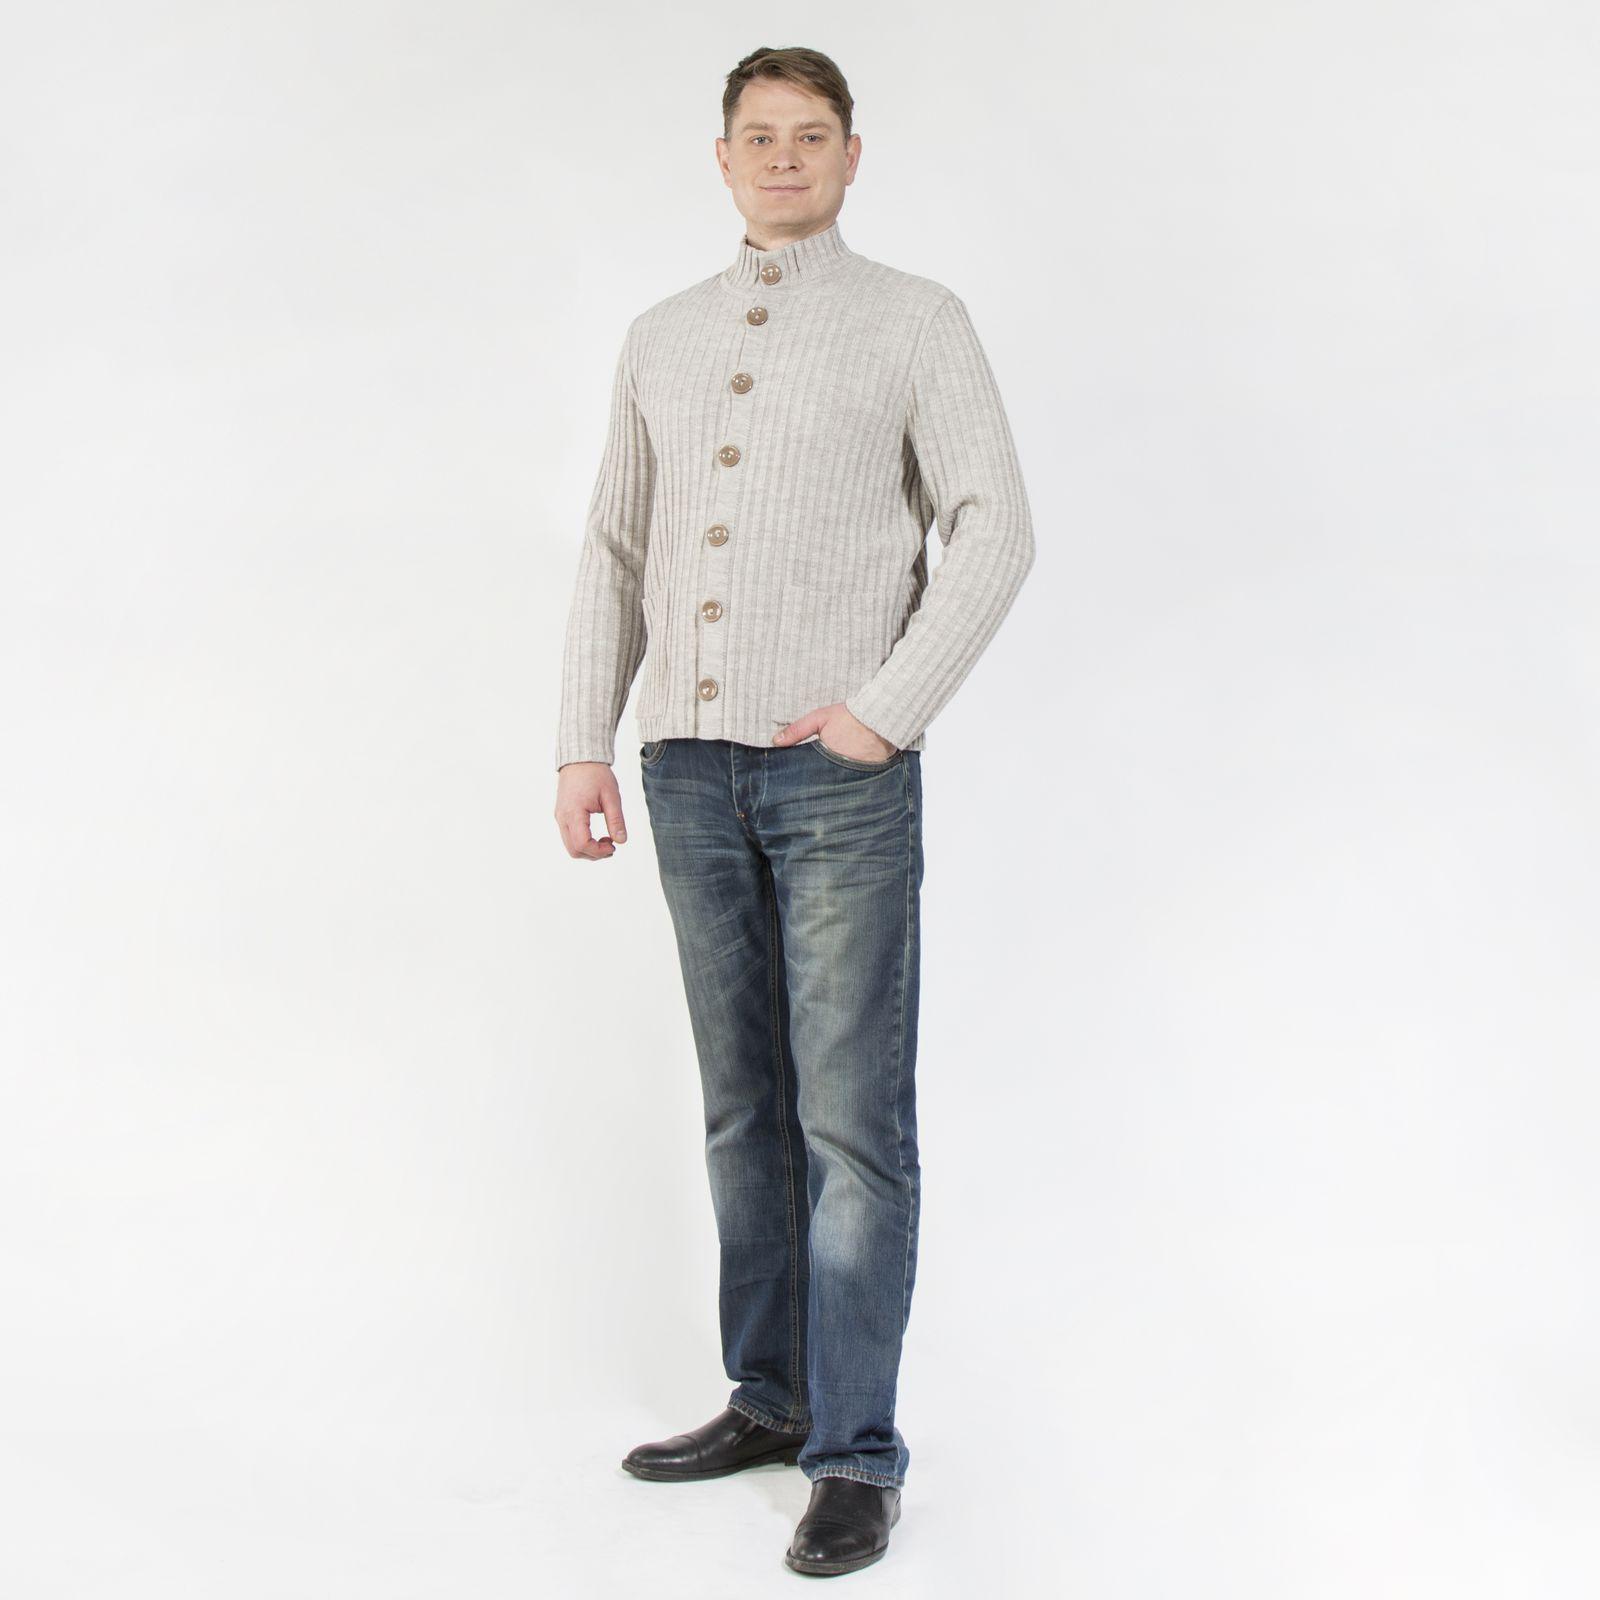 Джемпер на пуговицах с карманами оригинальной вязки